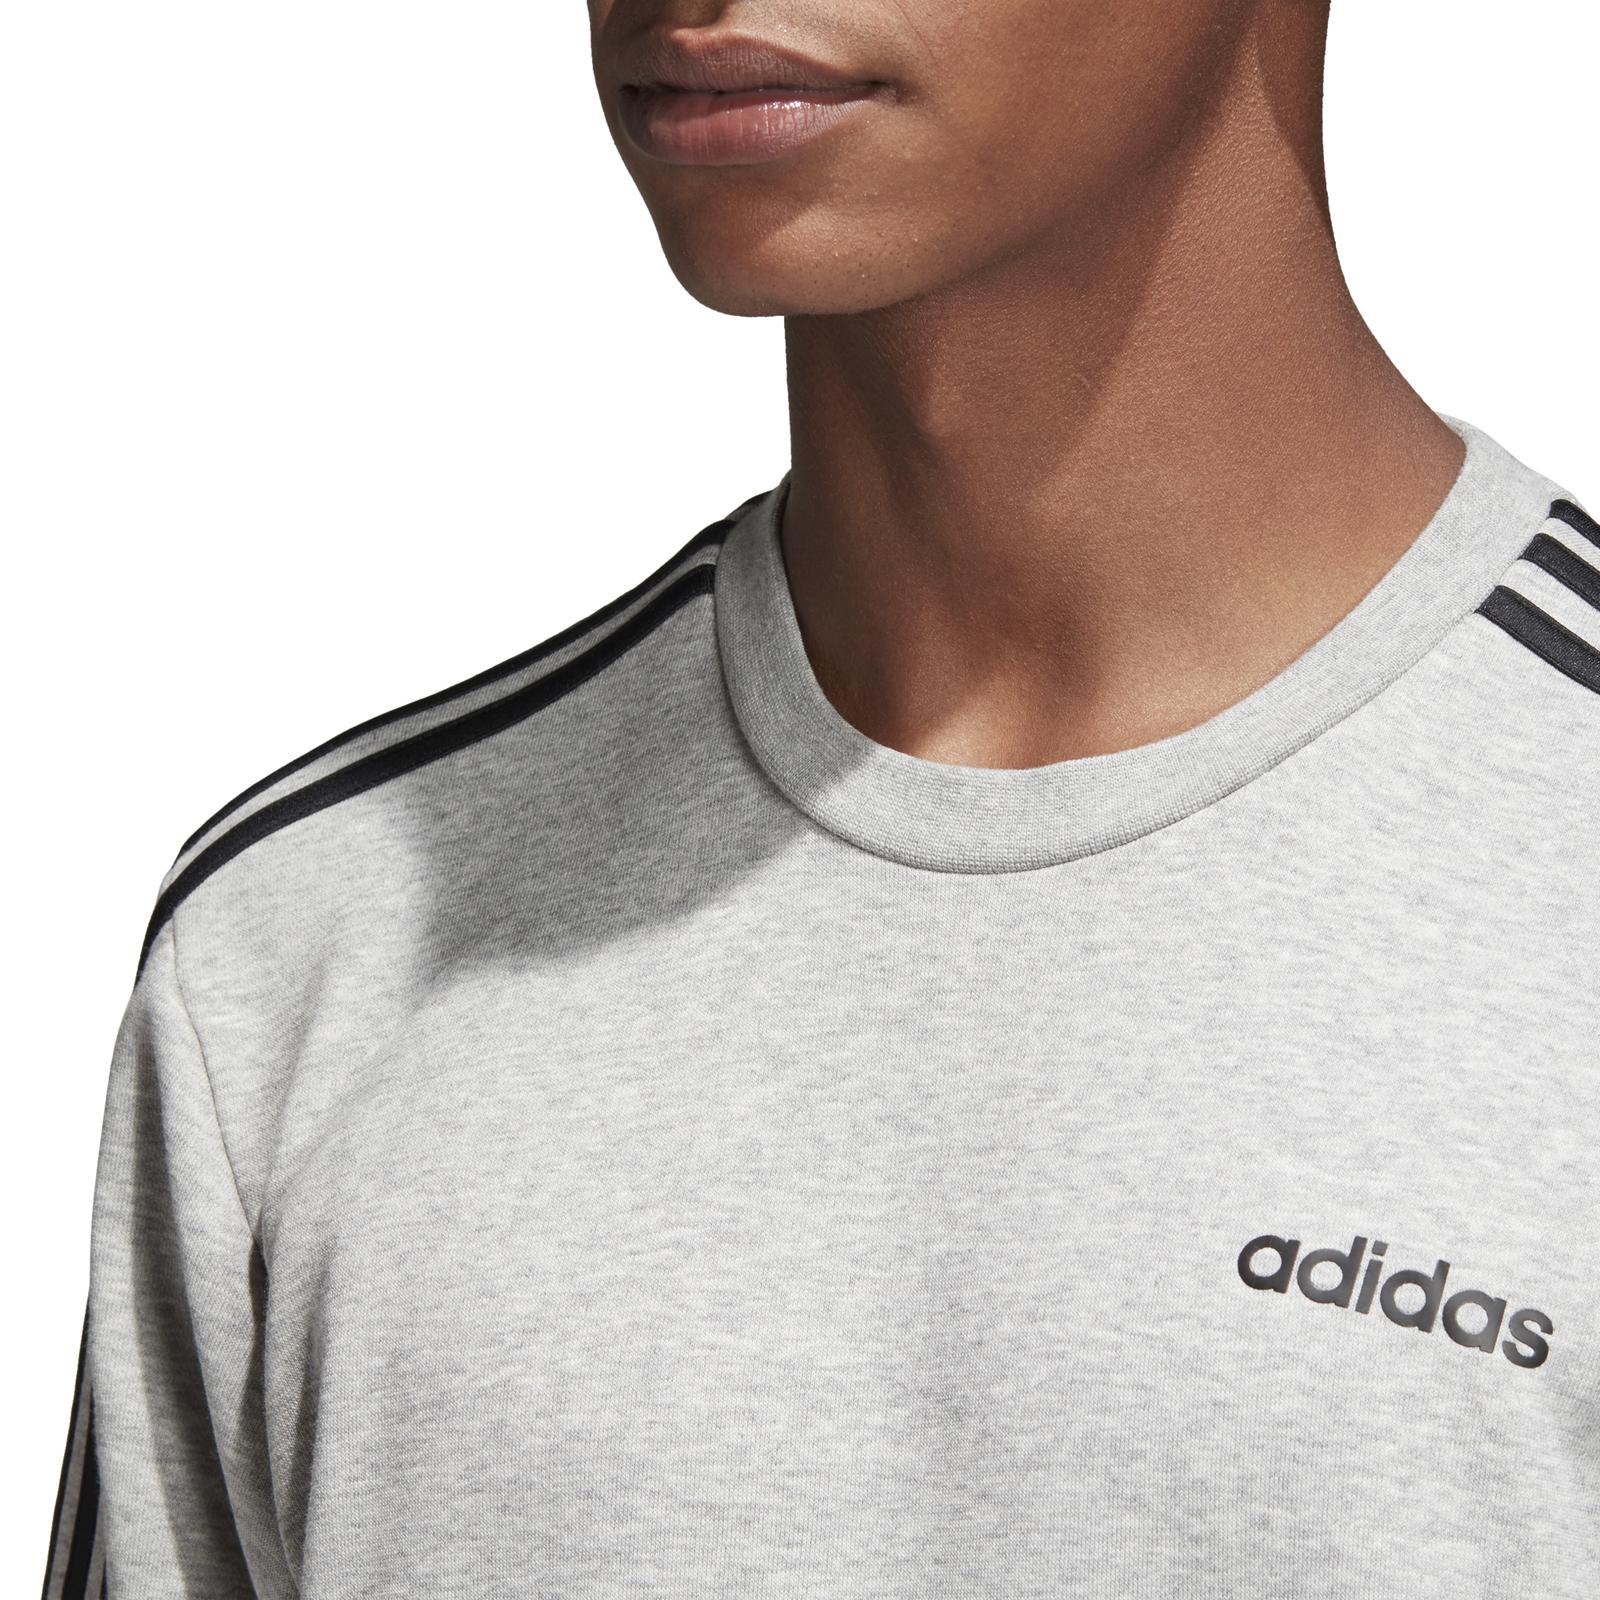 Detalles de Adidas Core señores Sport ocio suéter Essentials 3s crewneck Fleece gris ver título original